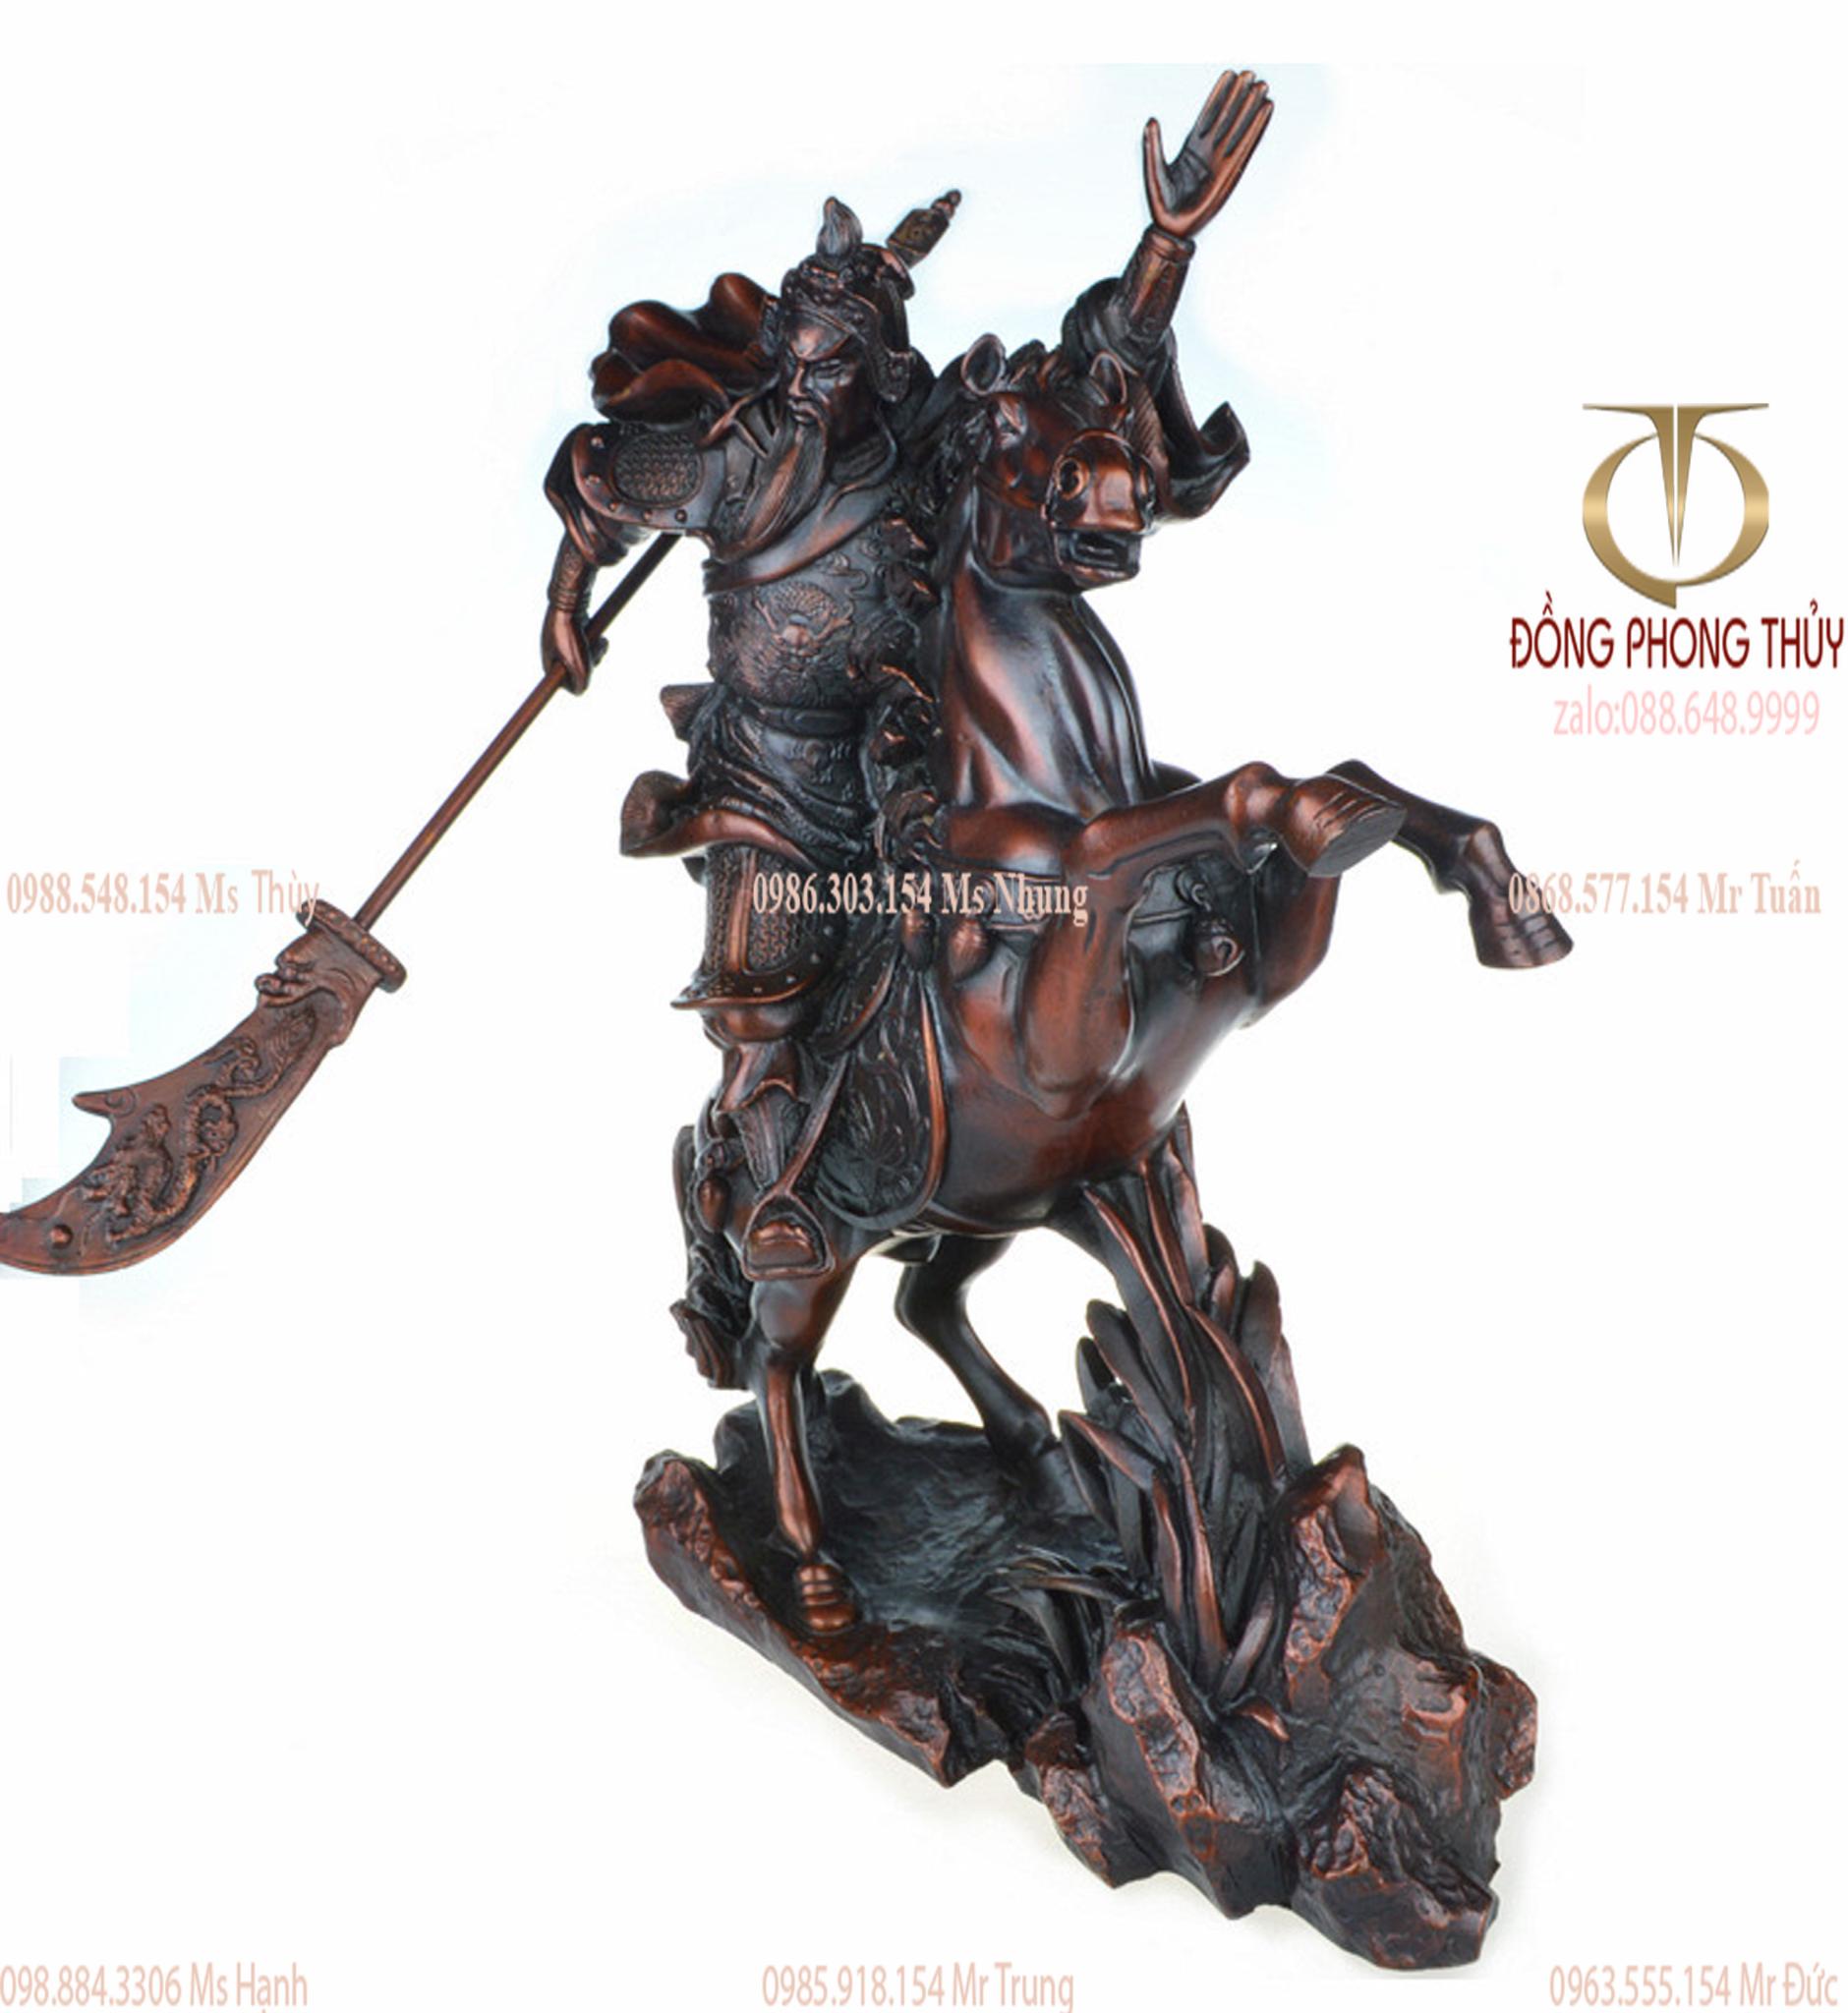 Tượng quan công cưỡi ngựa bằng đồng Cao 35cm